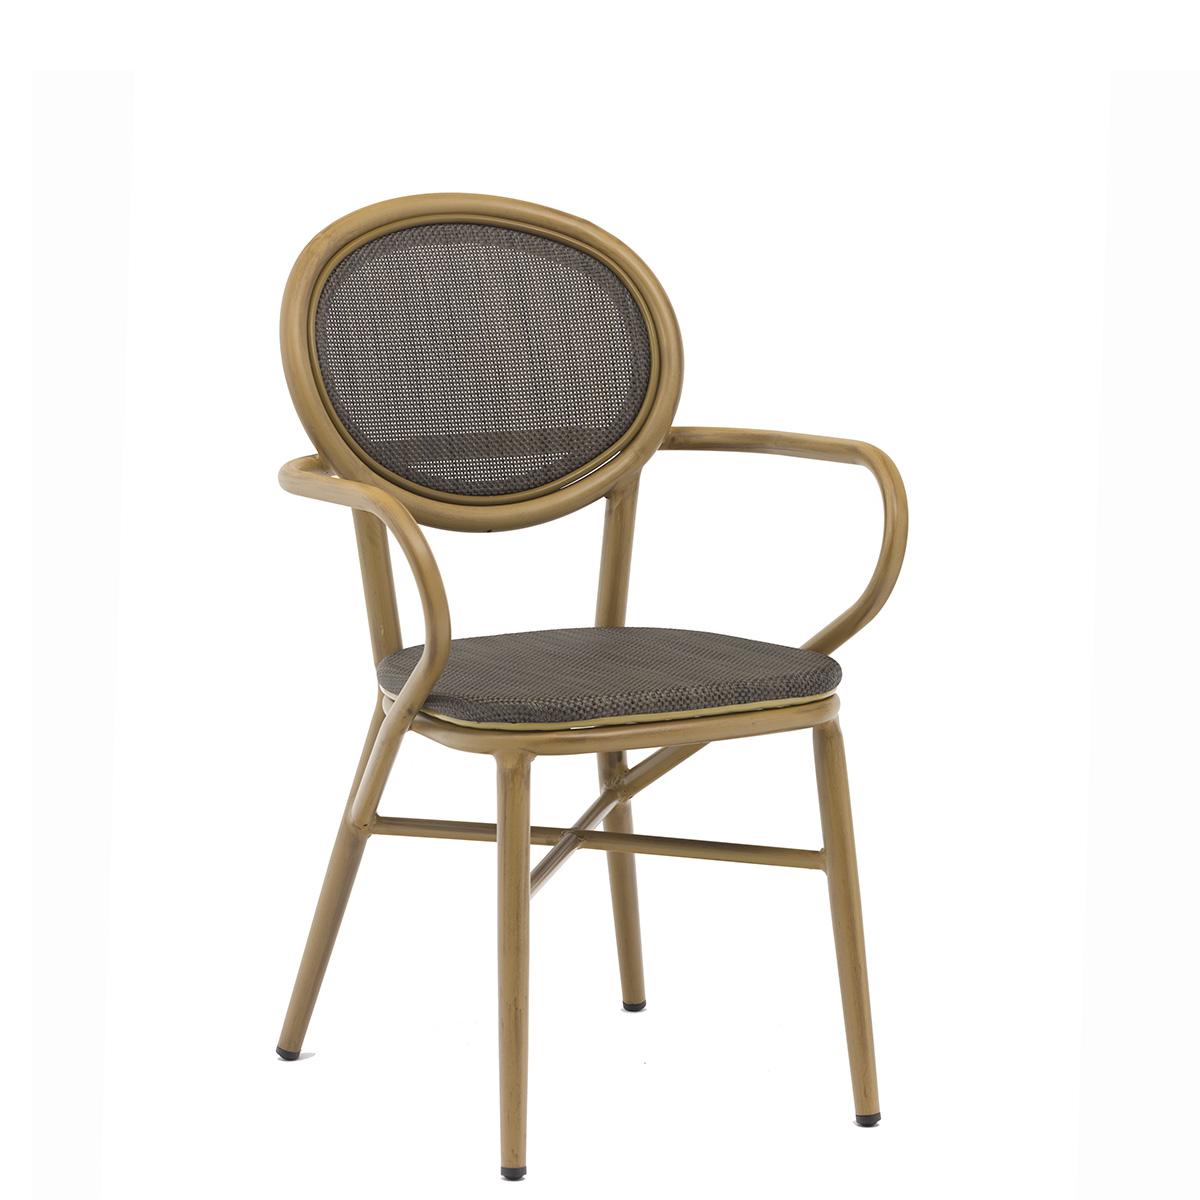 fontana-sillon-deco-bambu-respaldo-negro-asiento-textilene-negro